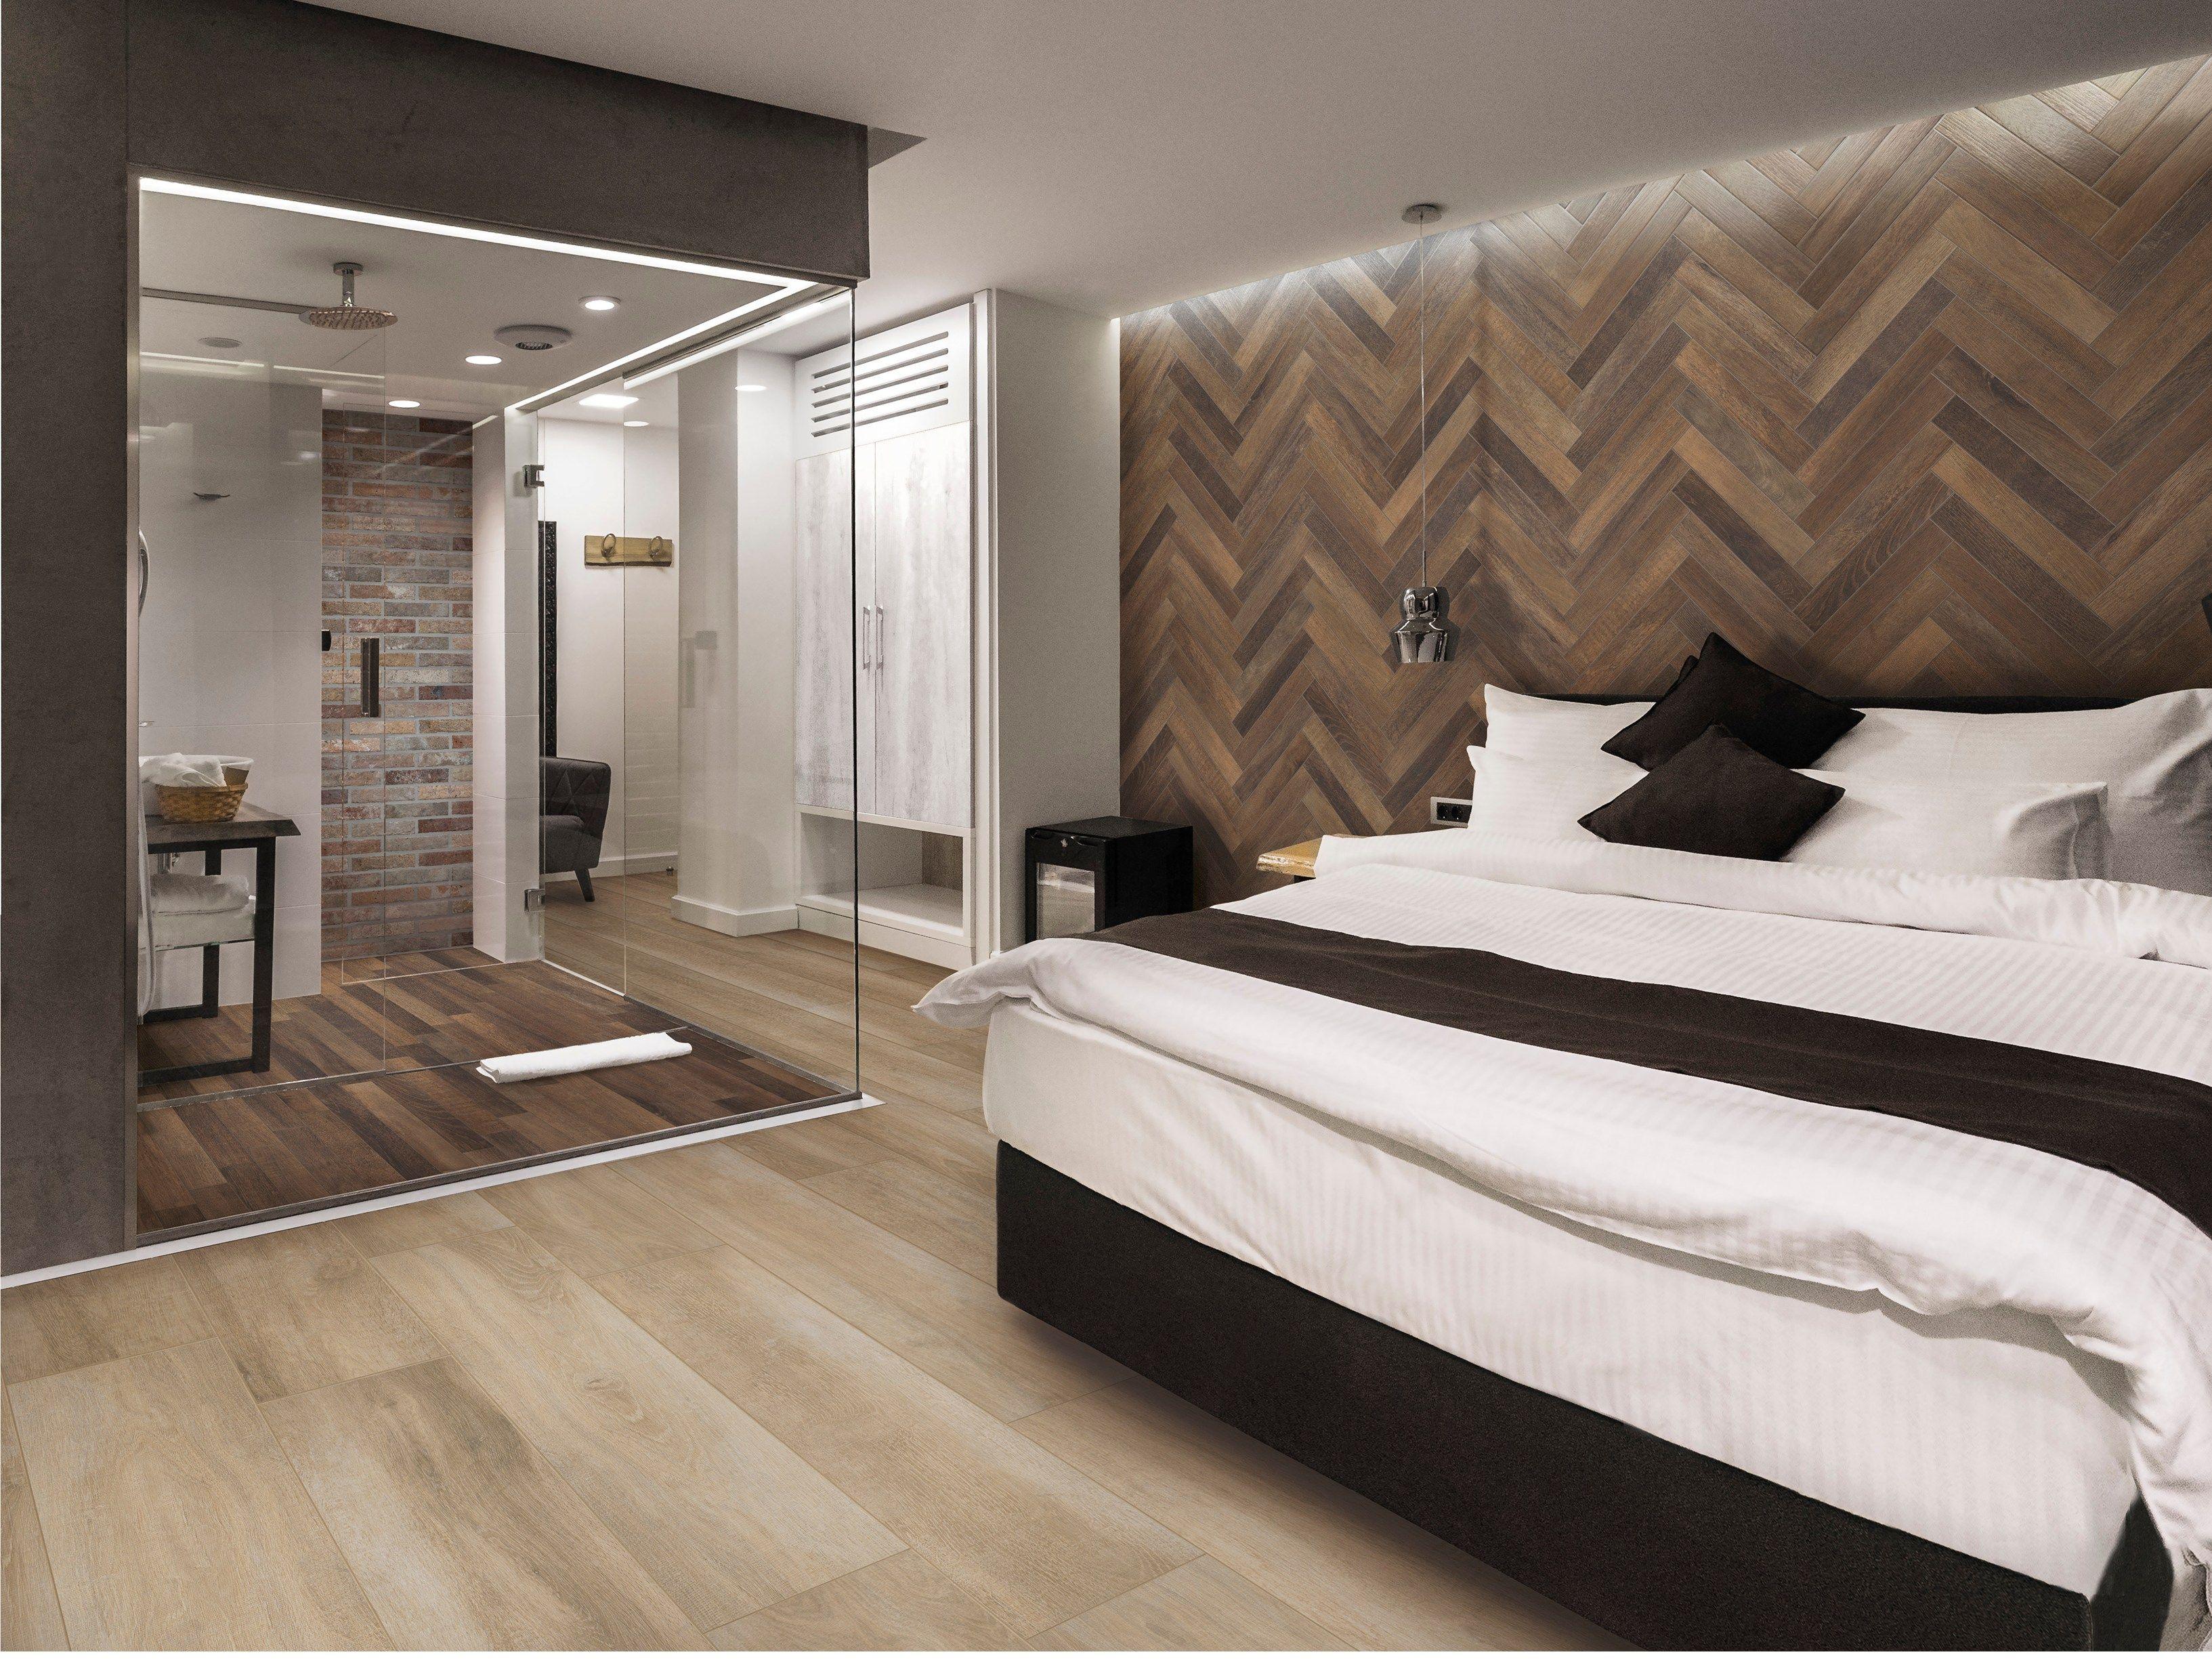 Pavimento de gres porcel nico esmaltado imitaci n madera - Pavimento imitacion madera ...